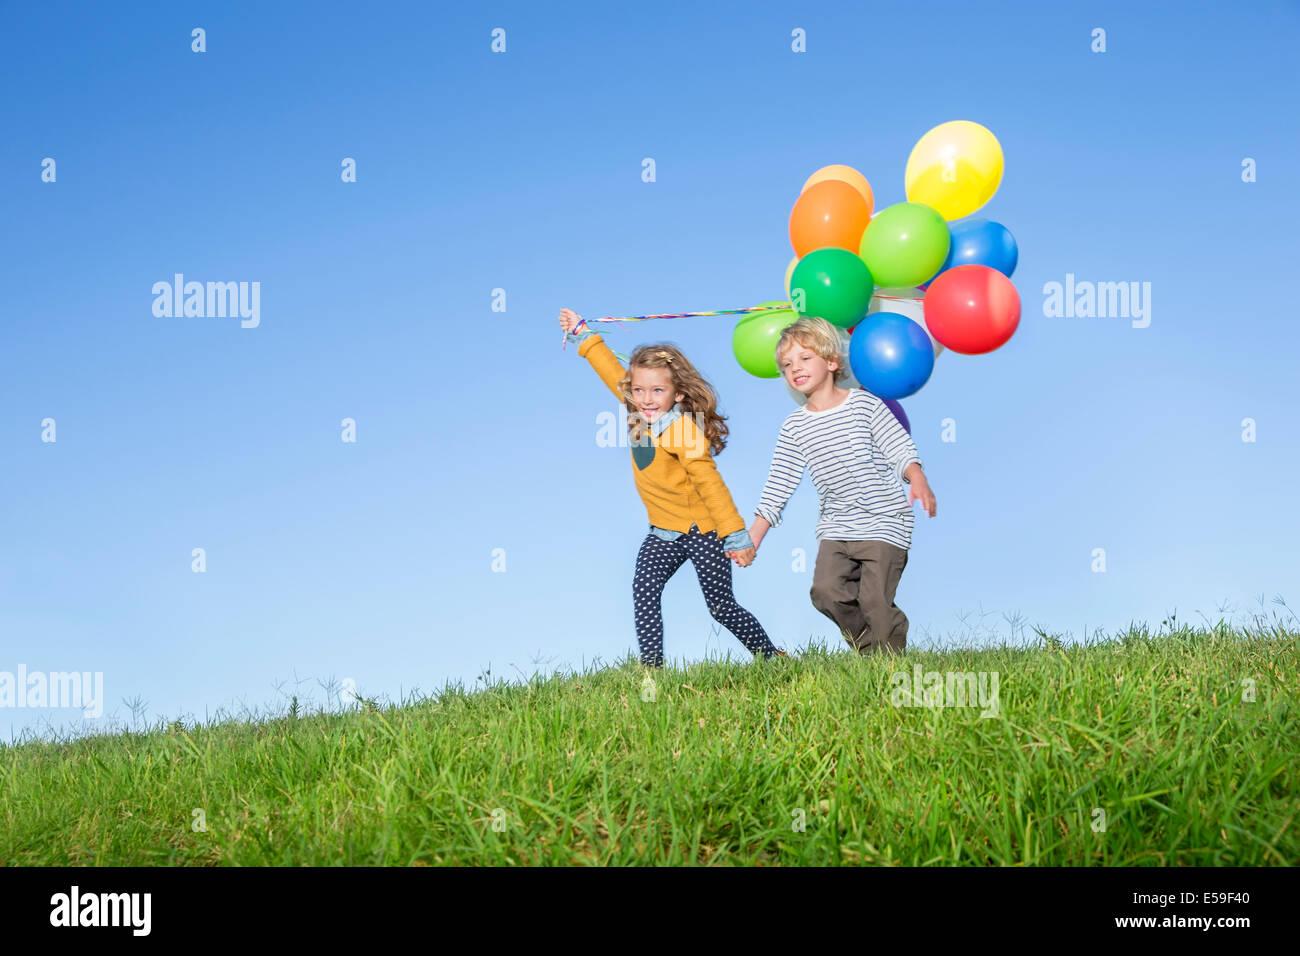 Les enfants avec bouquet de ballons on grassy hill Photo Stock